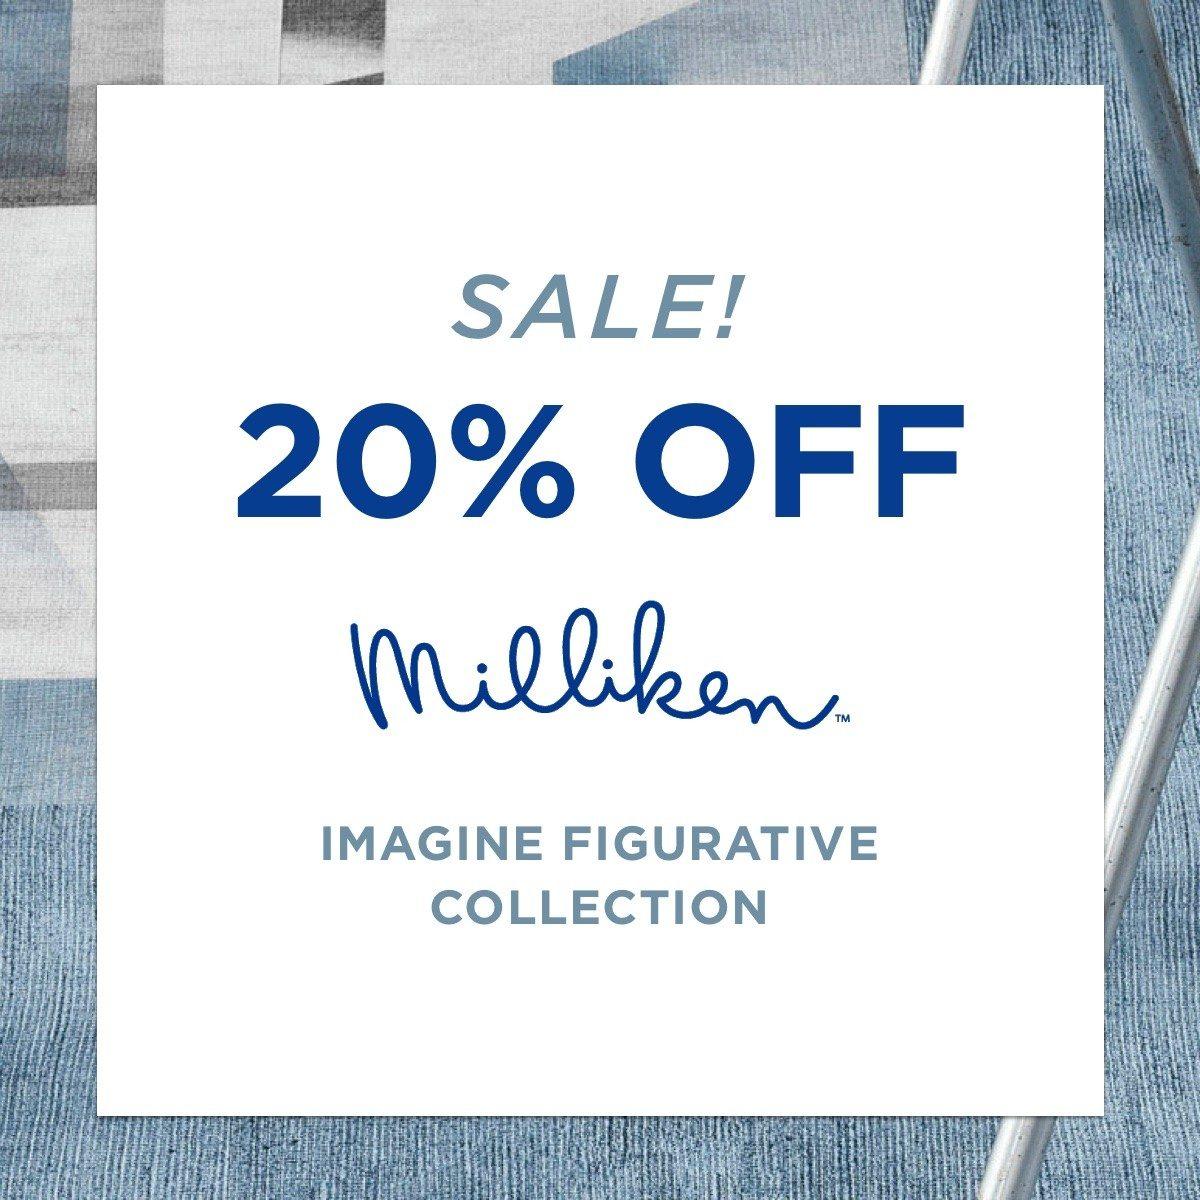 Sale! 20% off Milliken - Imagine figurative collection